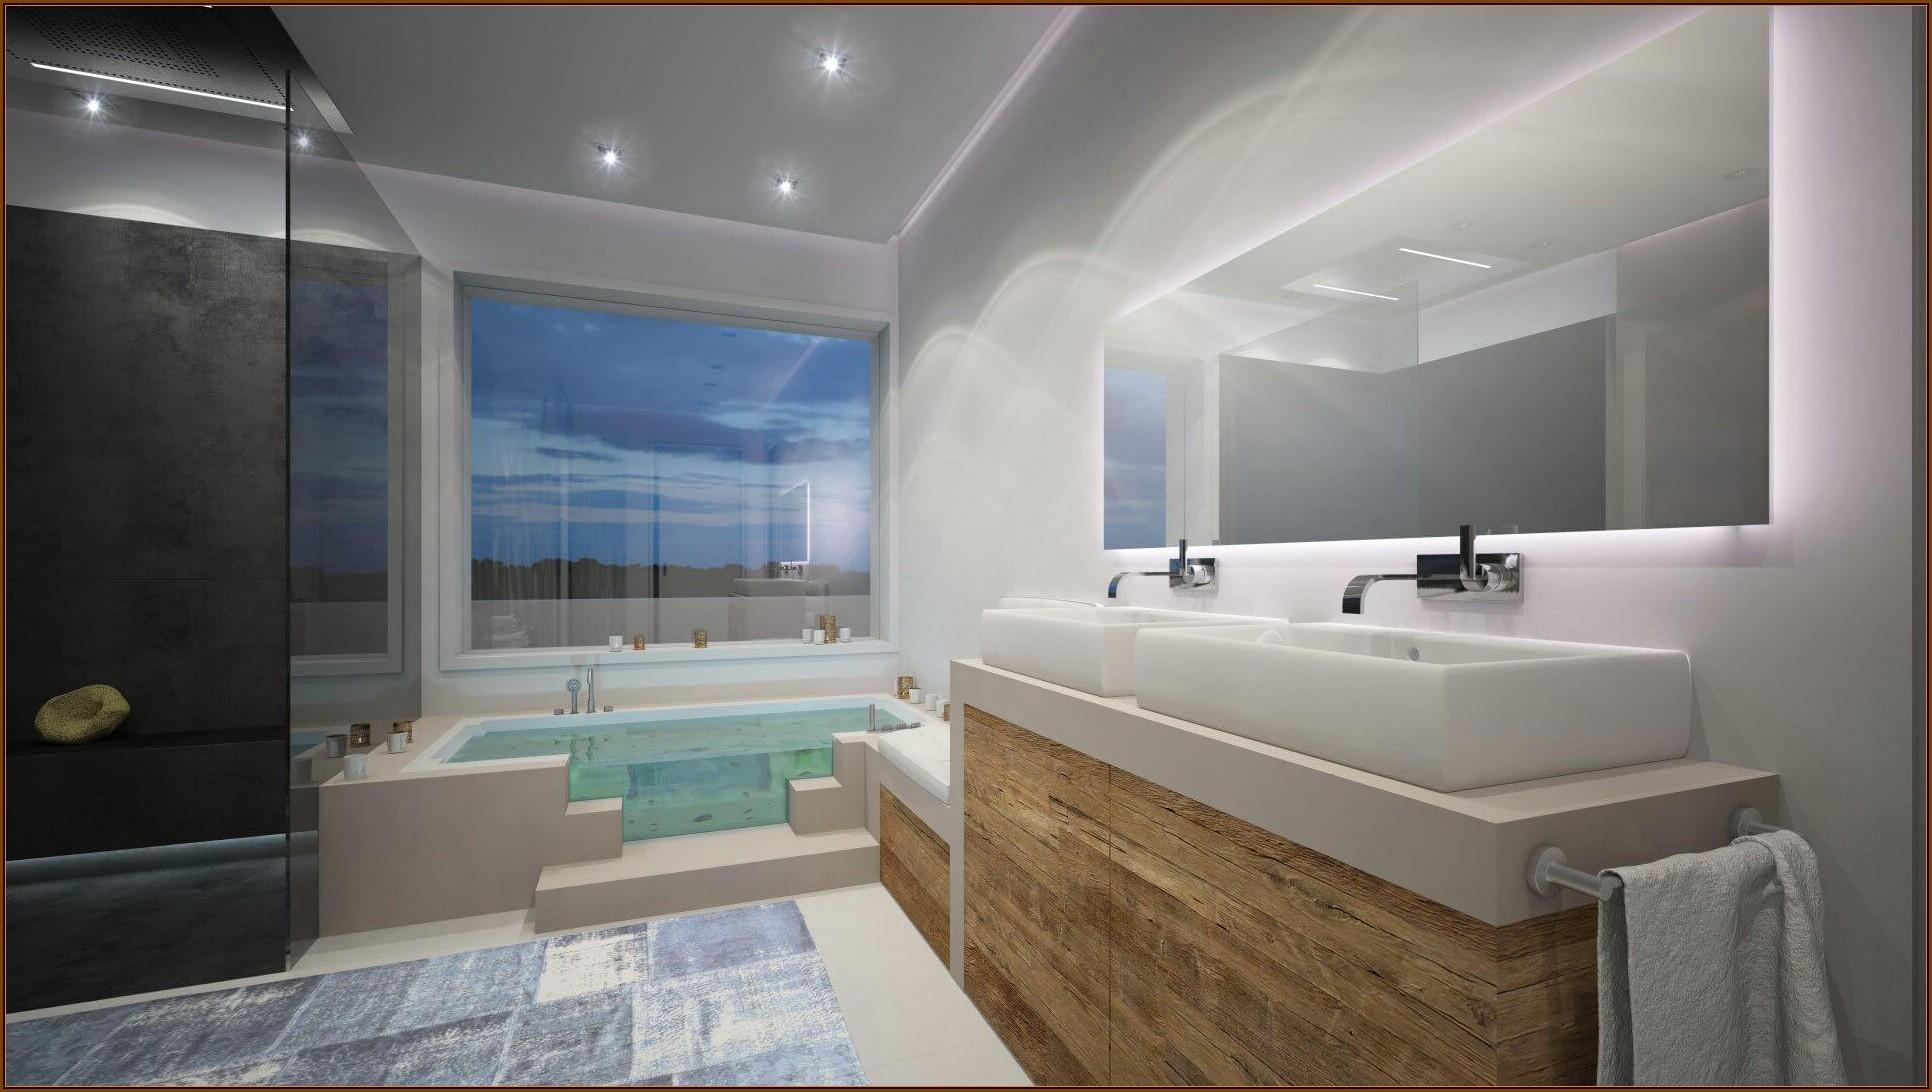 Bilder Zu Modernen Badezimmern